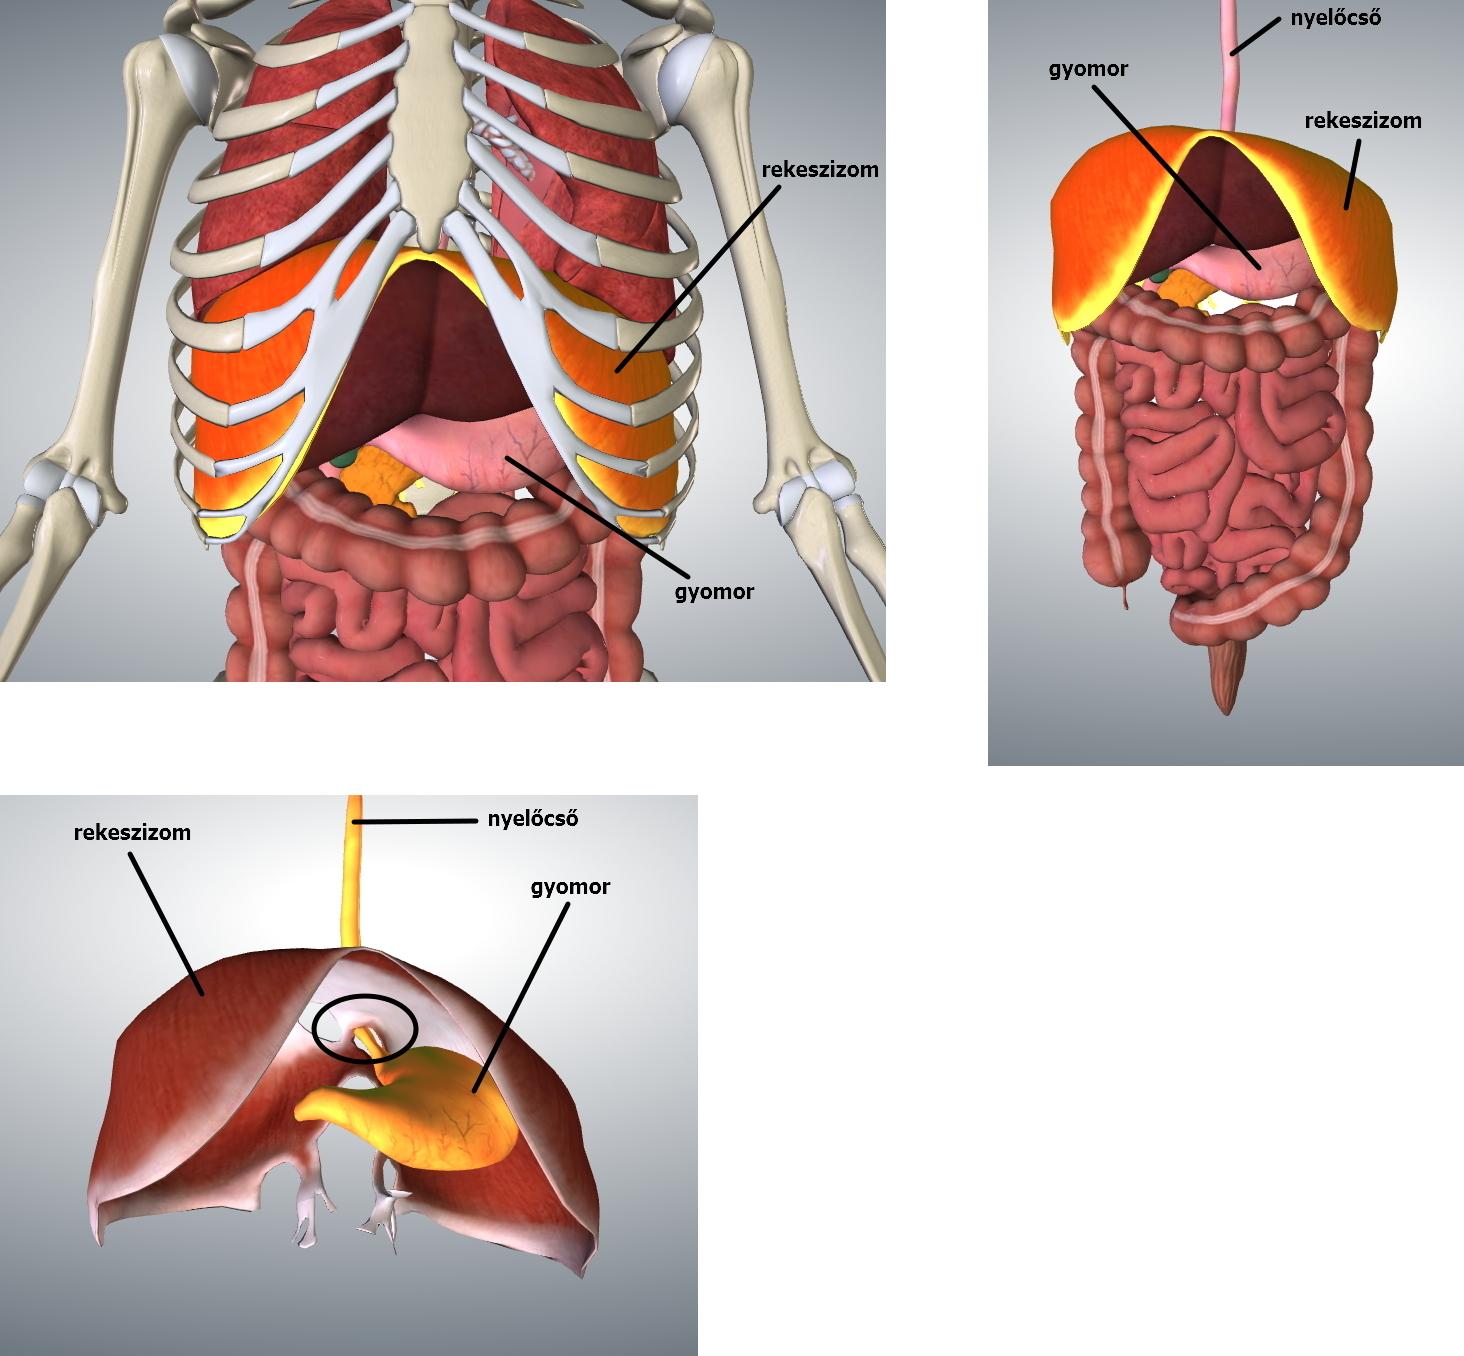 diaphragm_felirattal_osszes